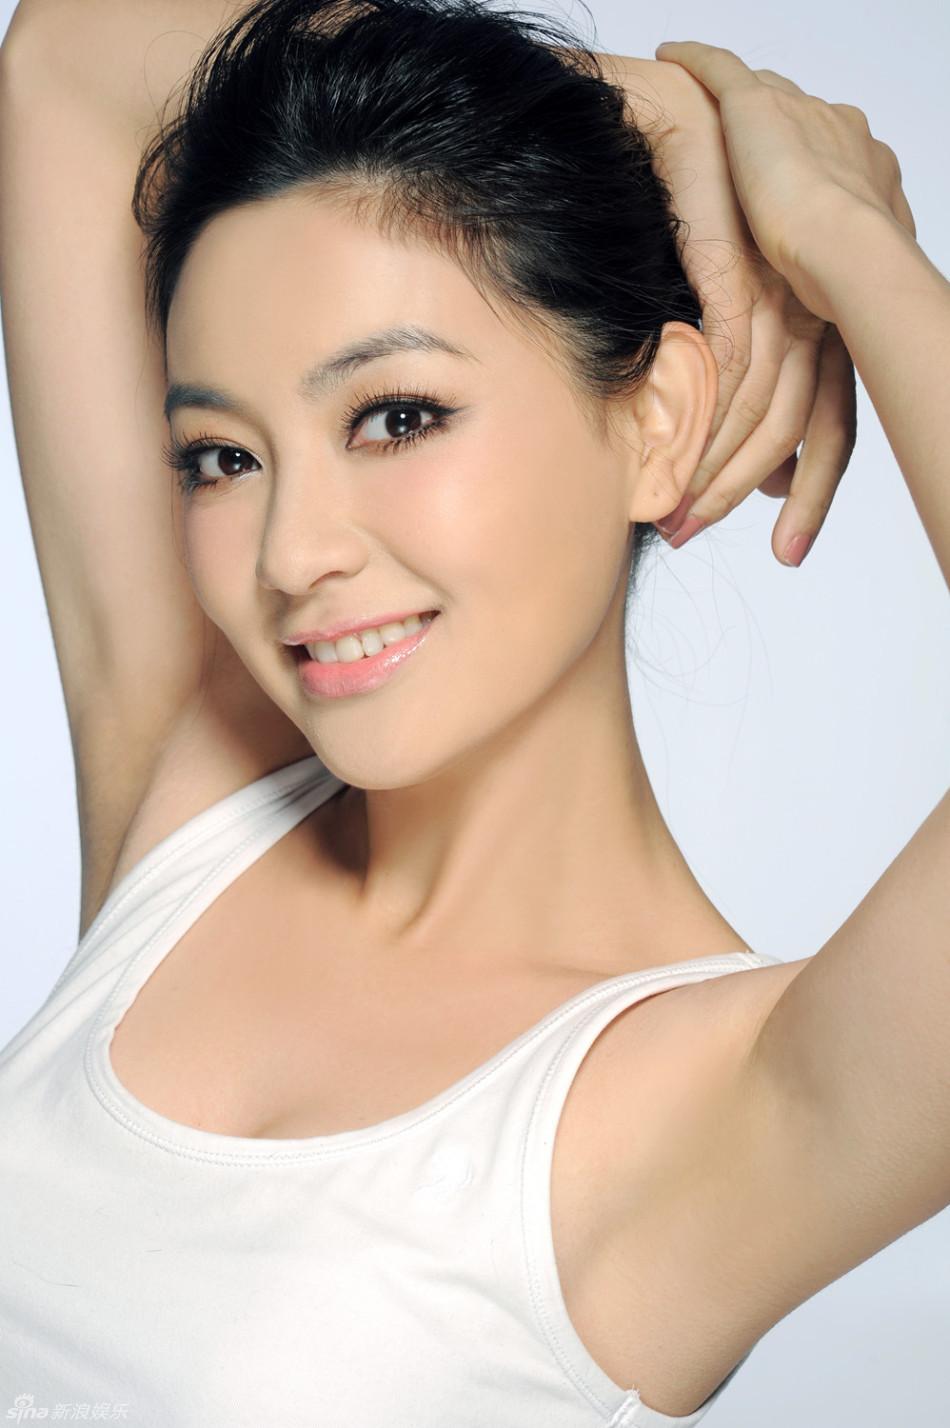 http://www.sinaimg.cn/dy/slidenews/4_img/2013_35/704_1077752_753990.jpg